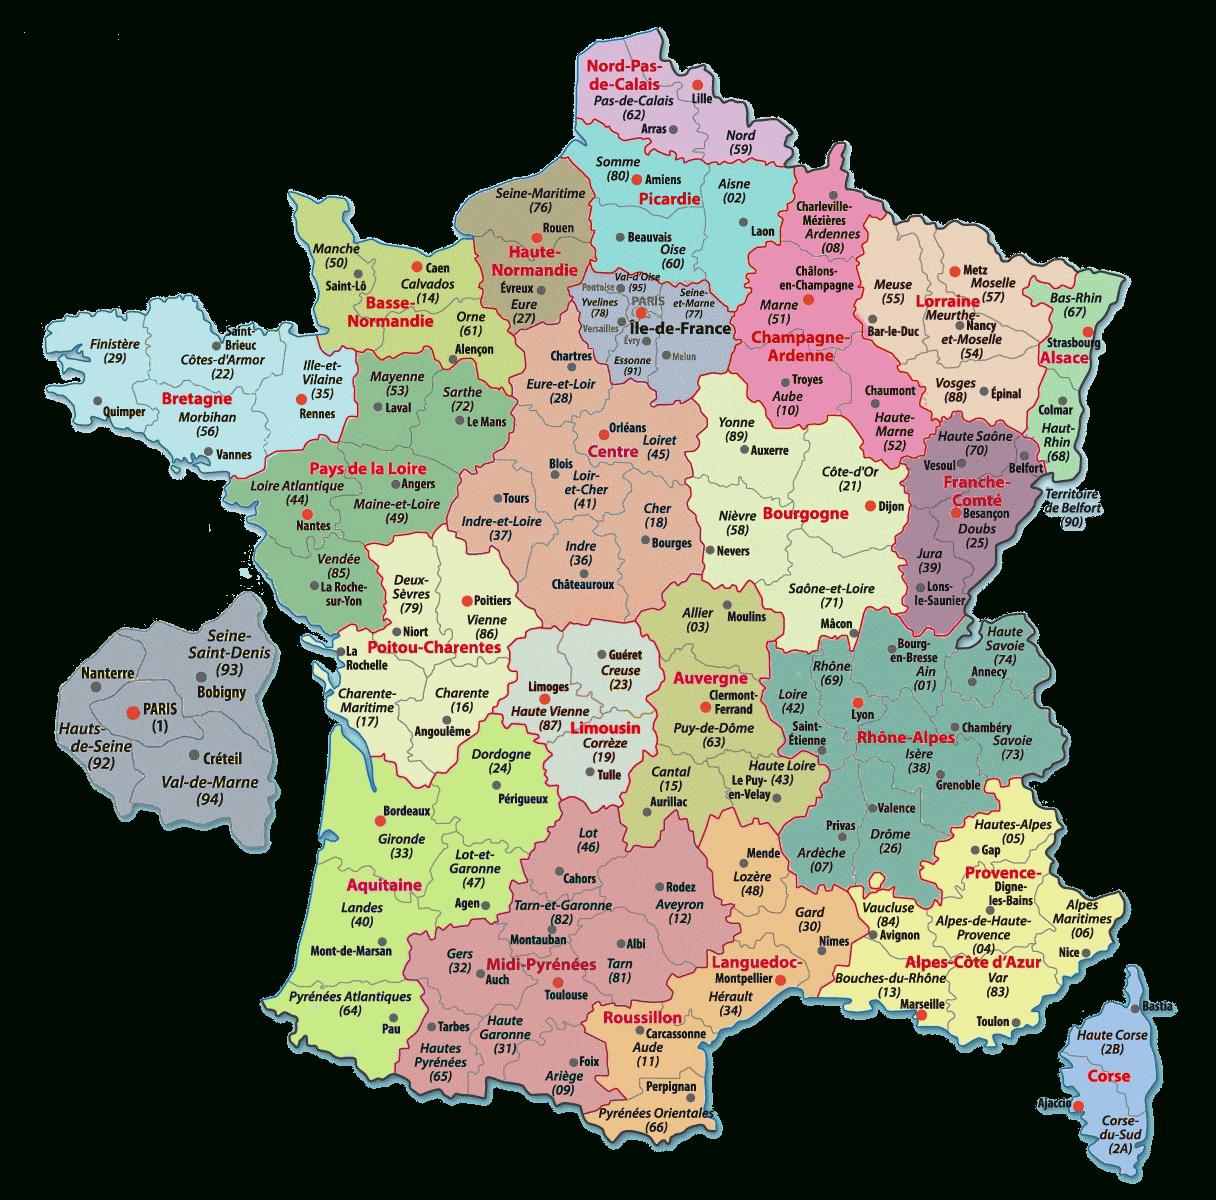 Carte De France Departements : Carte Des Départements De France avec Département 09 Carte